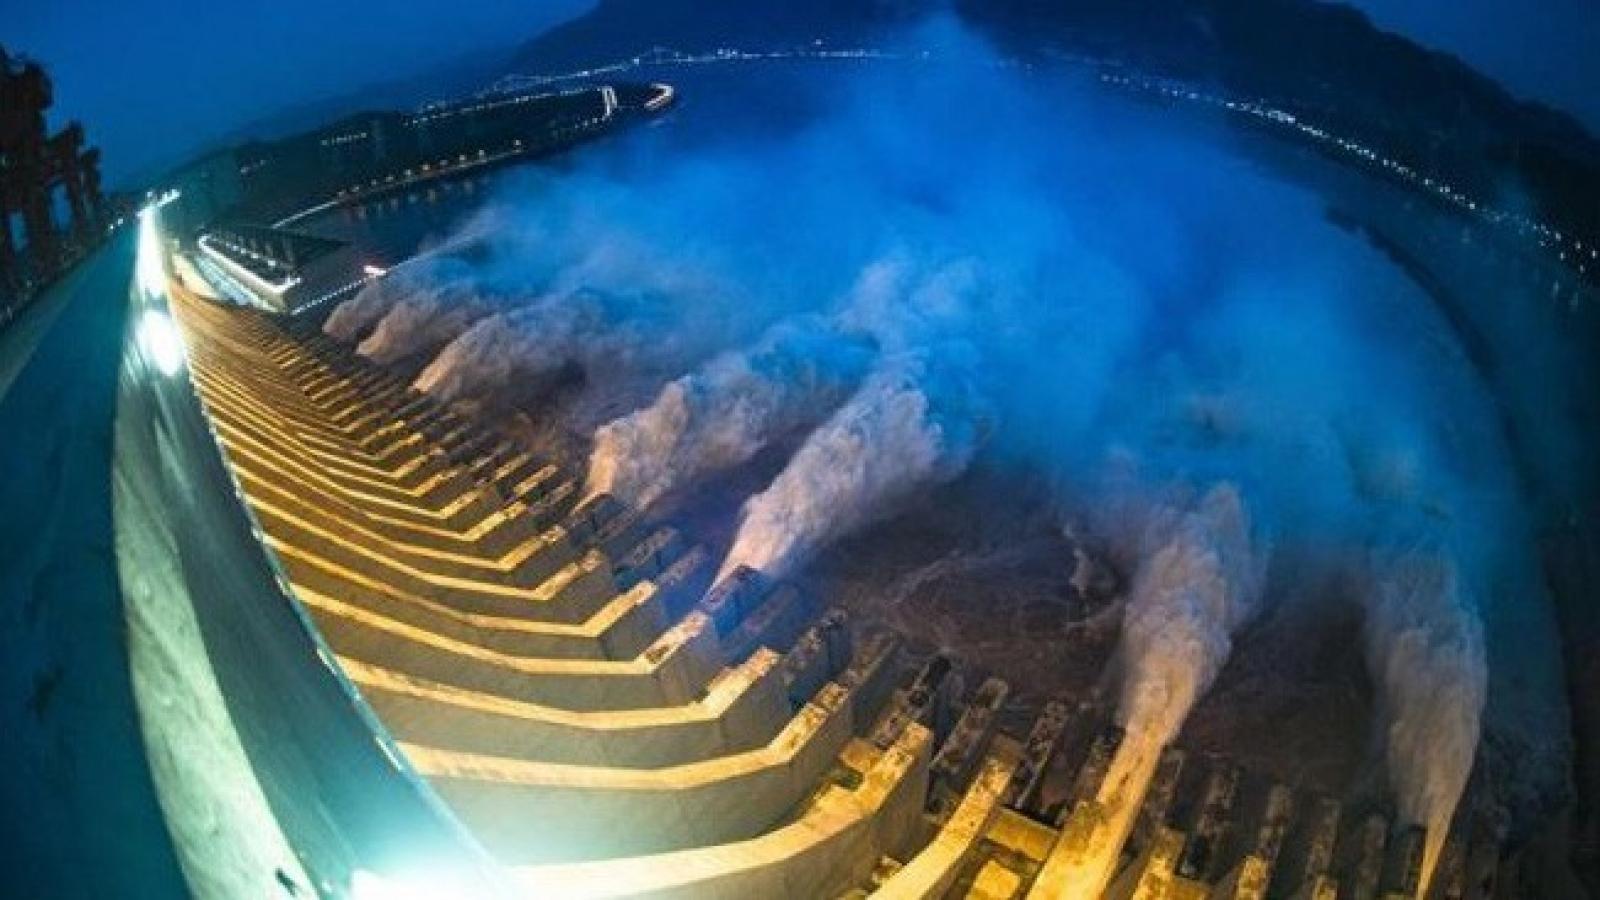 Trung Quốc mở 13 cửa xả trên sông Hoài để giảm áp lực mưa lũ